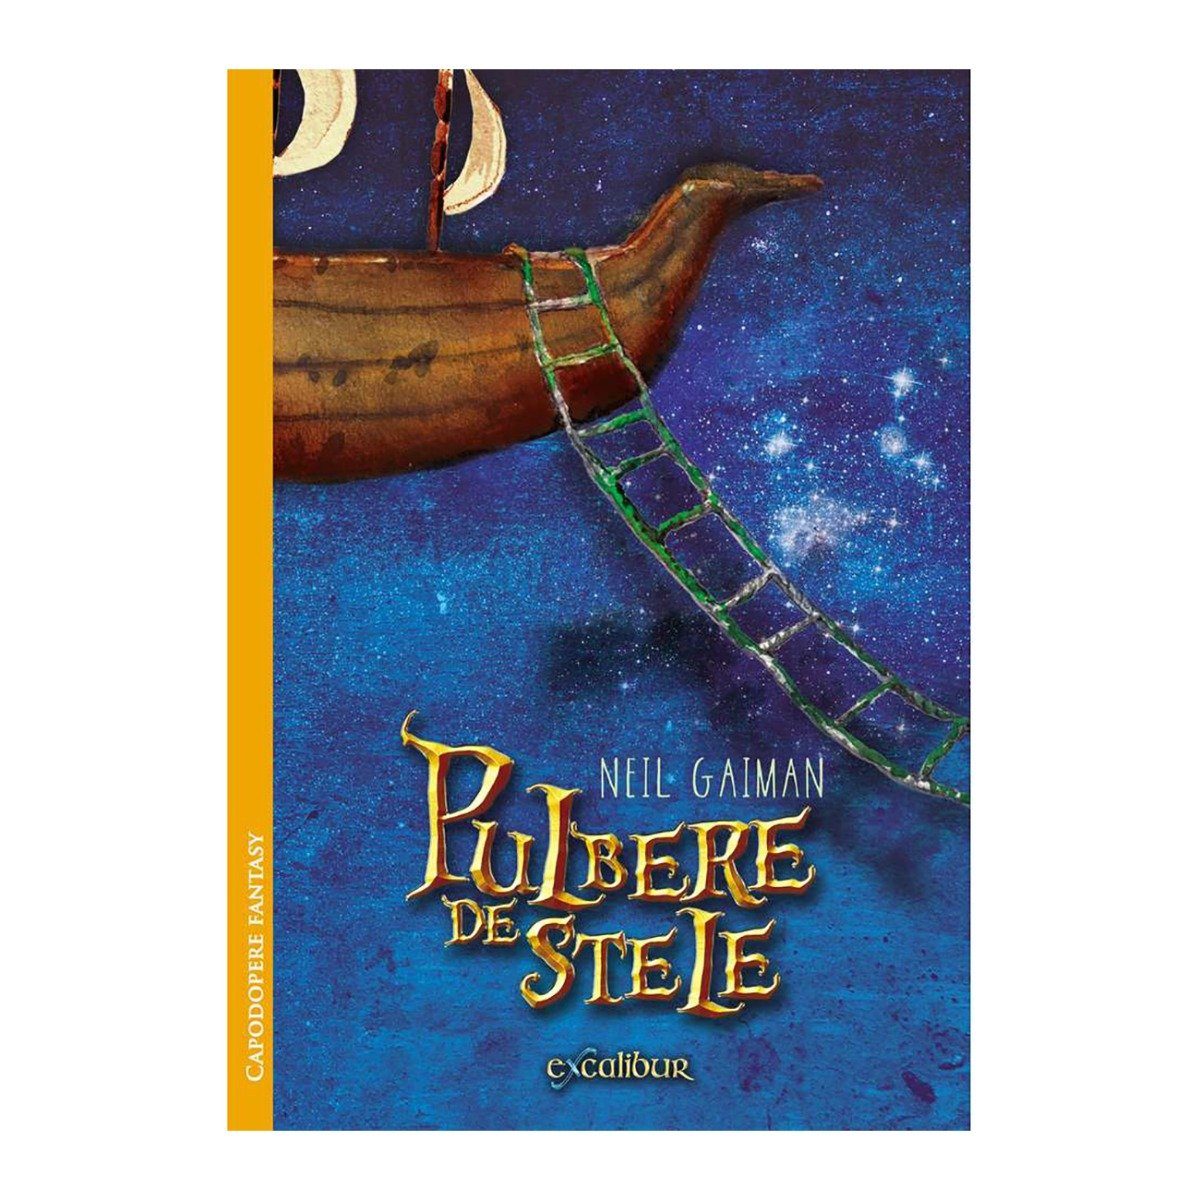 Carte Editura Arthur, Pulbere de stele, Neil Gaiman